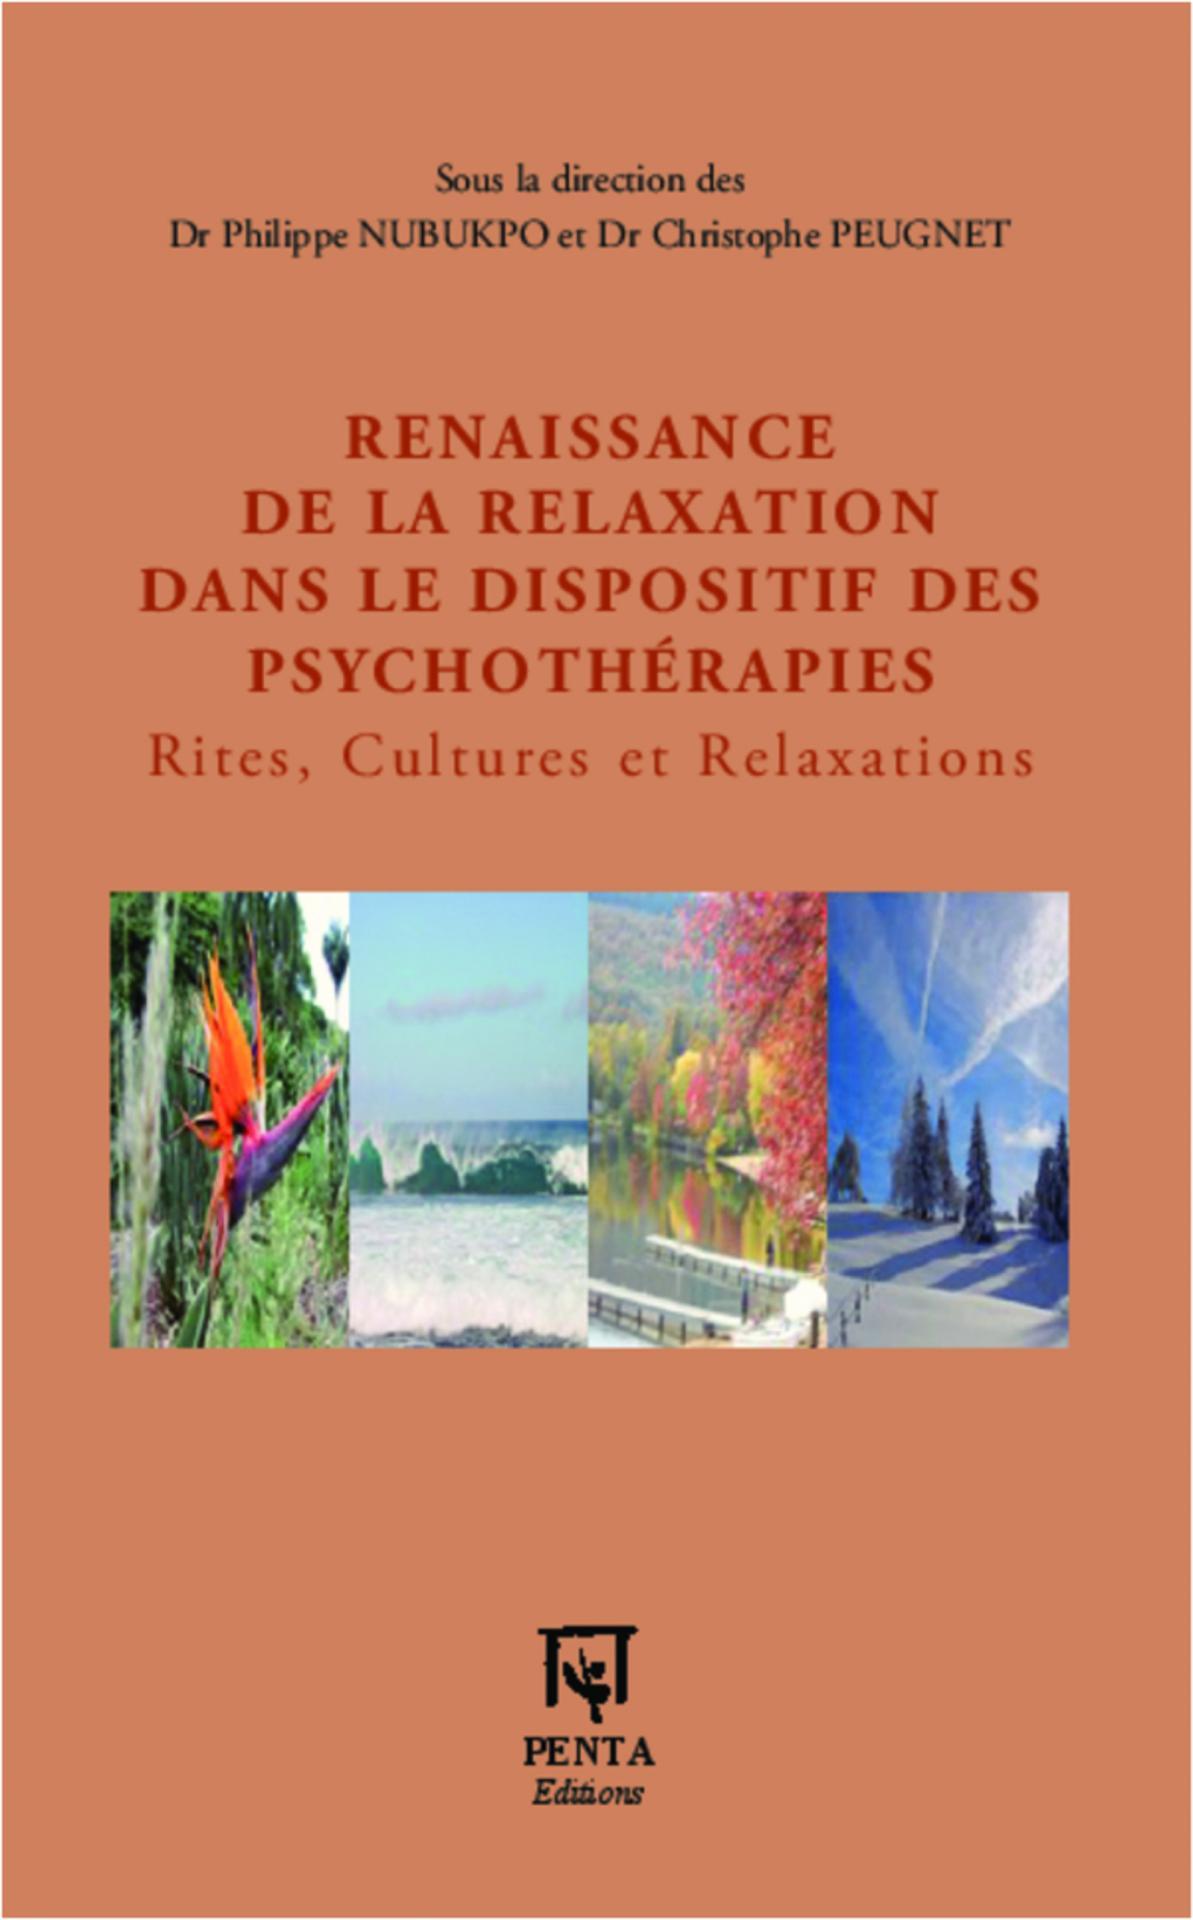 Renaissance de la relaxation